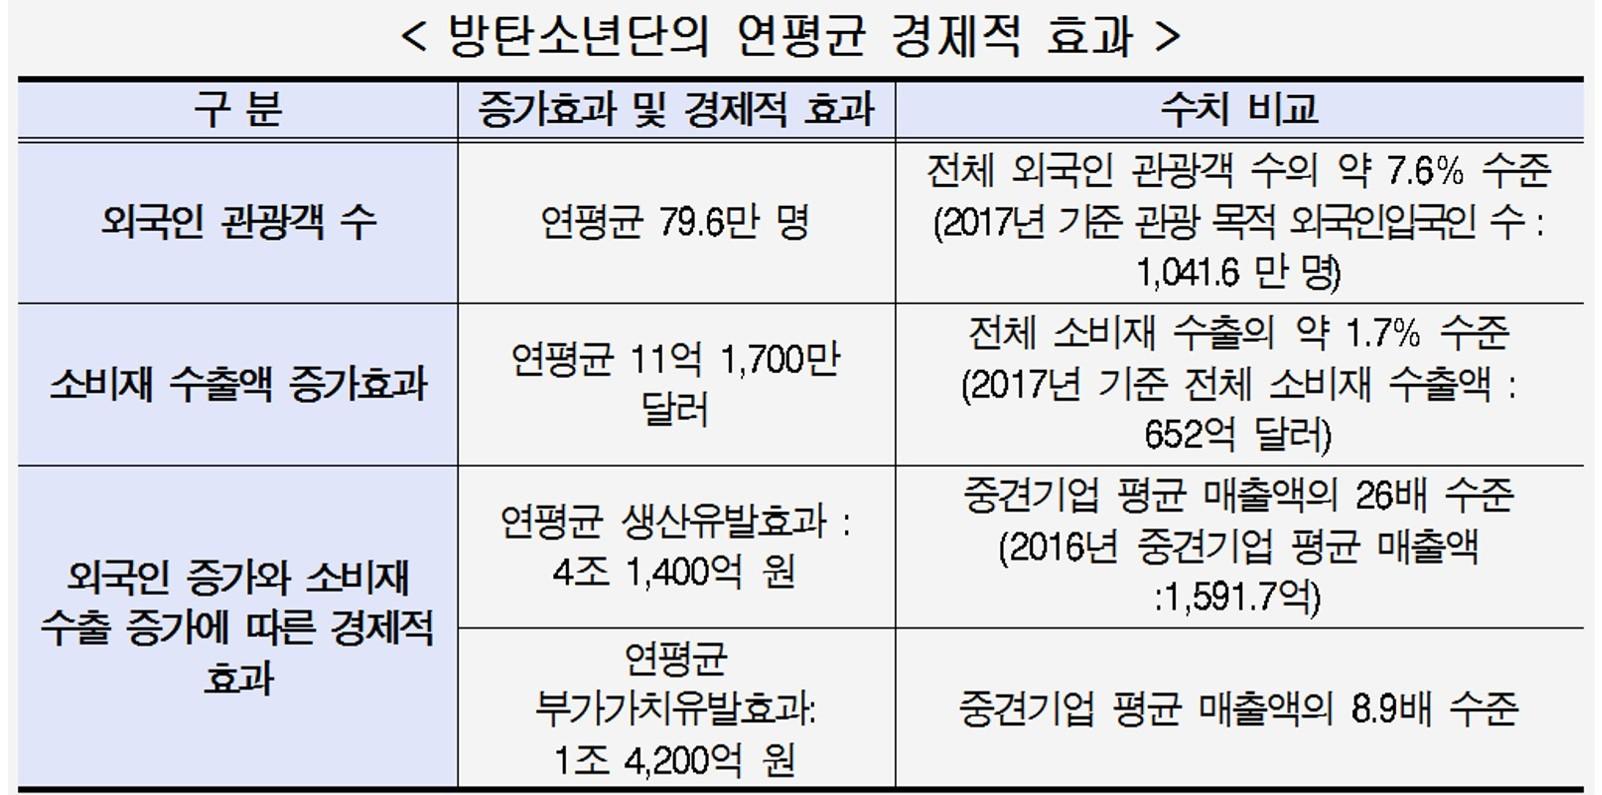 방탄소년단의 경제적 효과.jpg